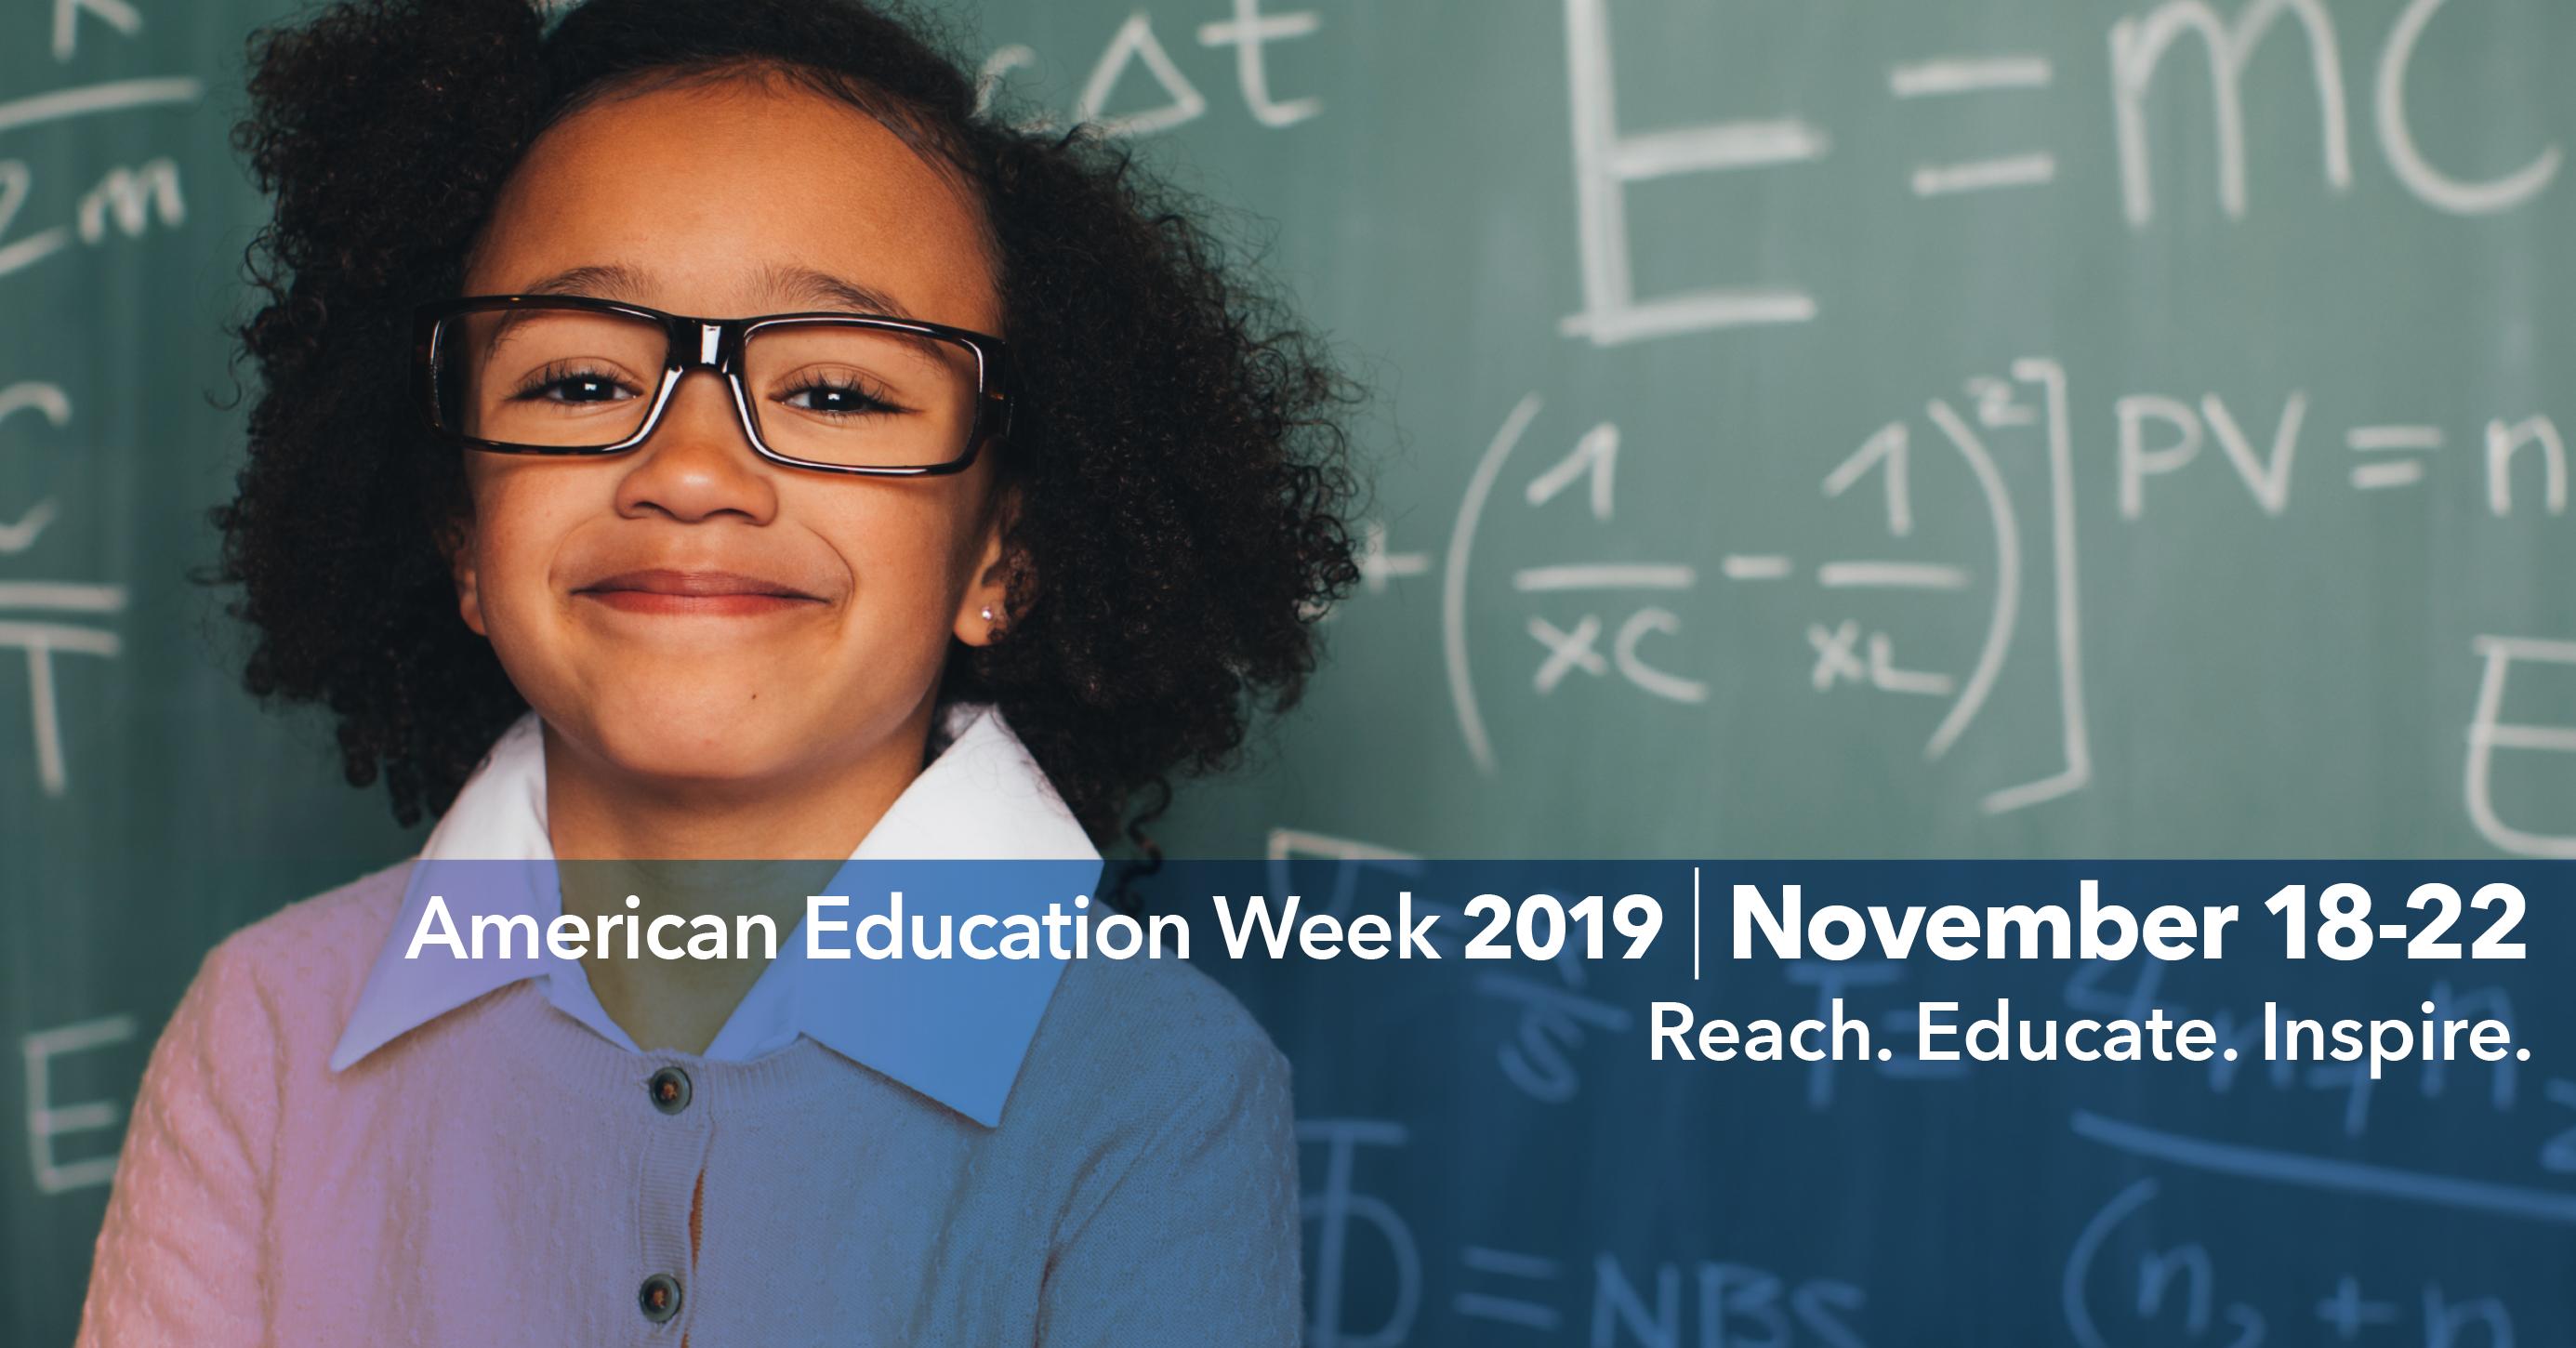 American Education Week